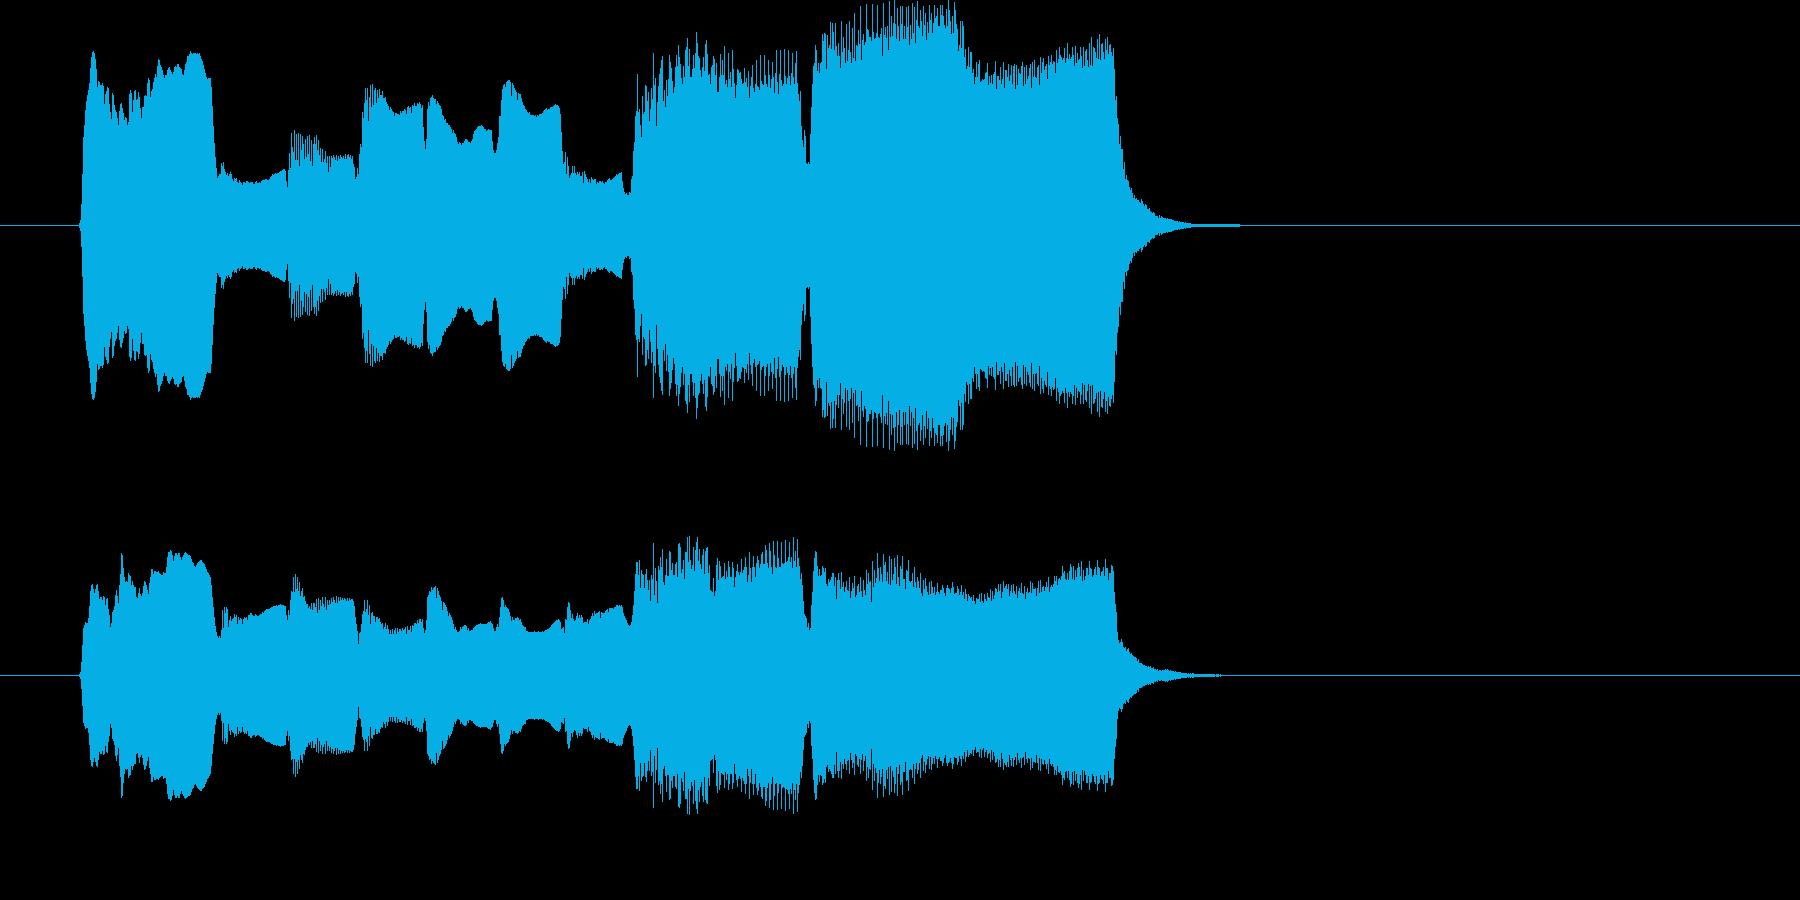 木管楽器による場面転換・アイキャッチの再生済みの波形